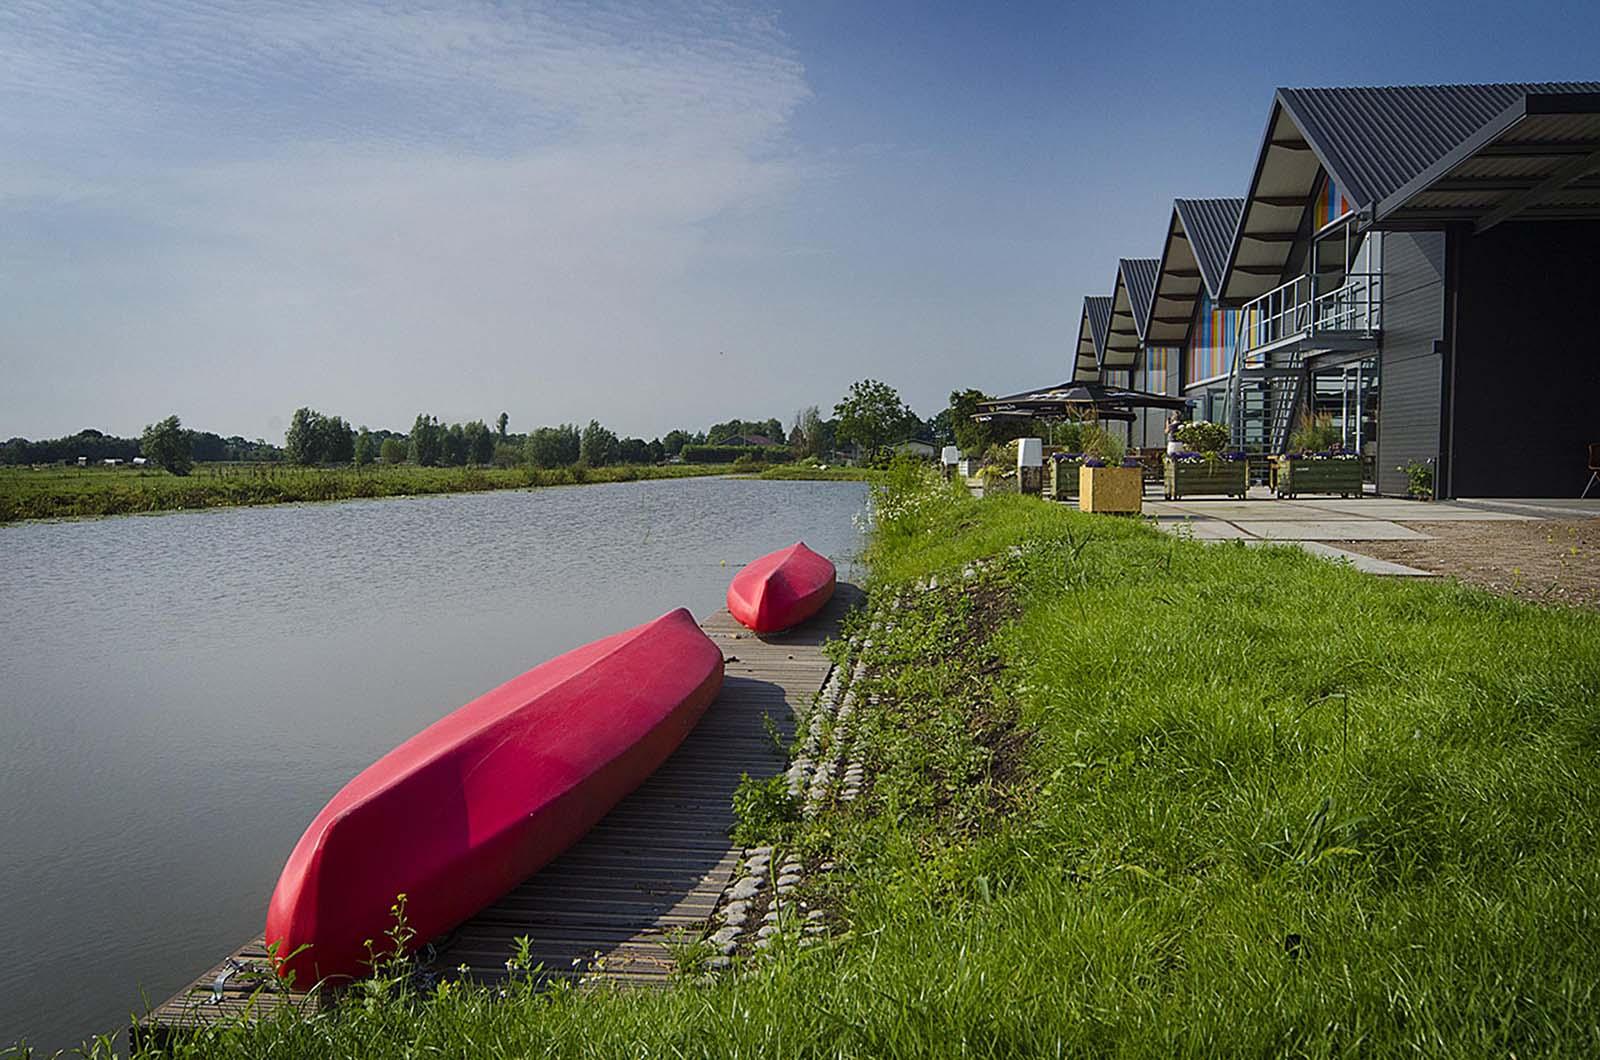 Ontdek de Waterlinie op de fiets, wandelend of per kano!